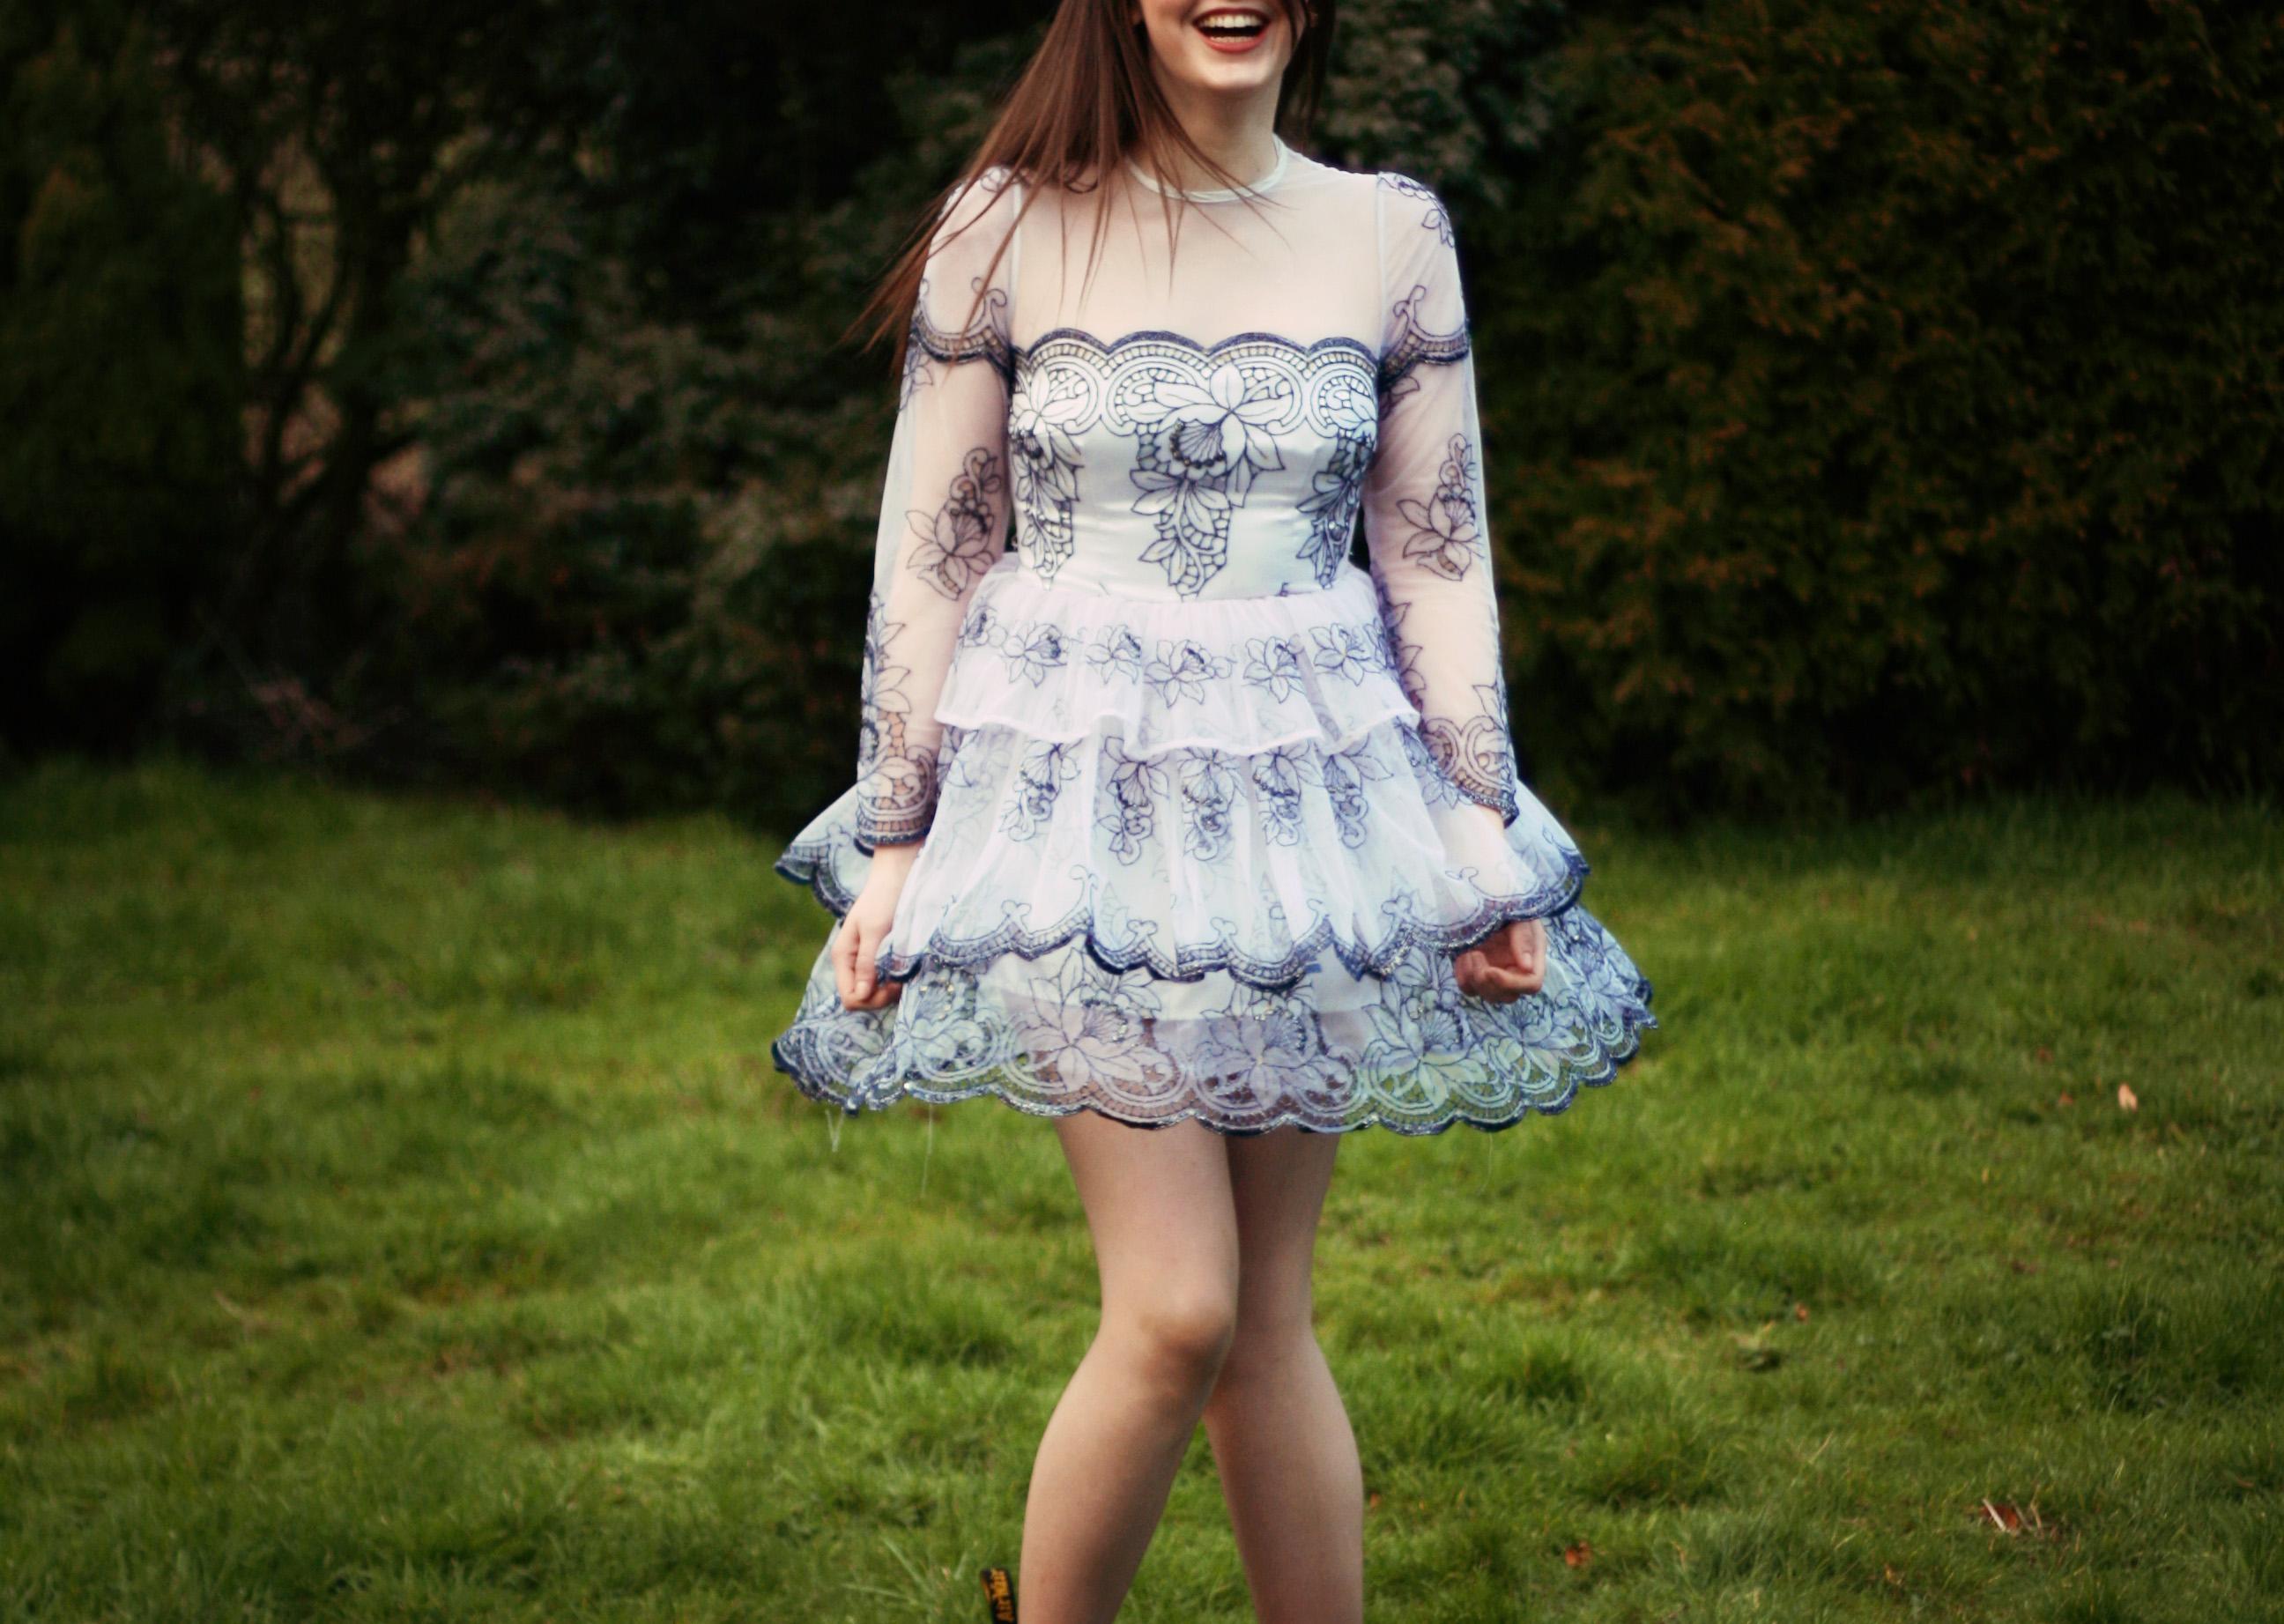 trash dress picture ideas - GCSE textiles project